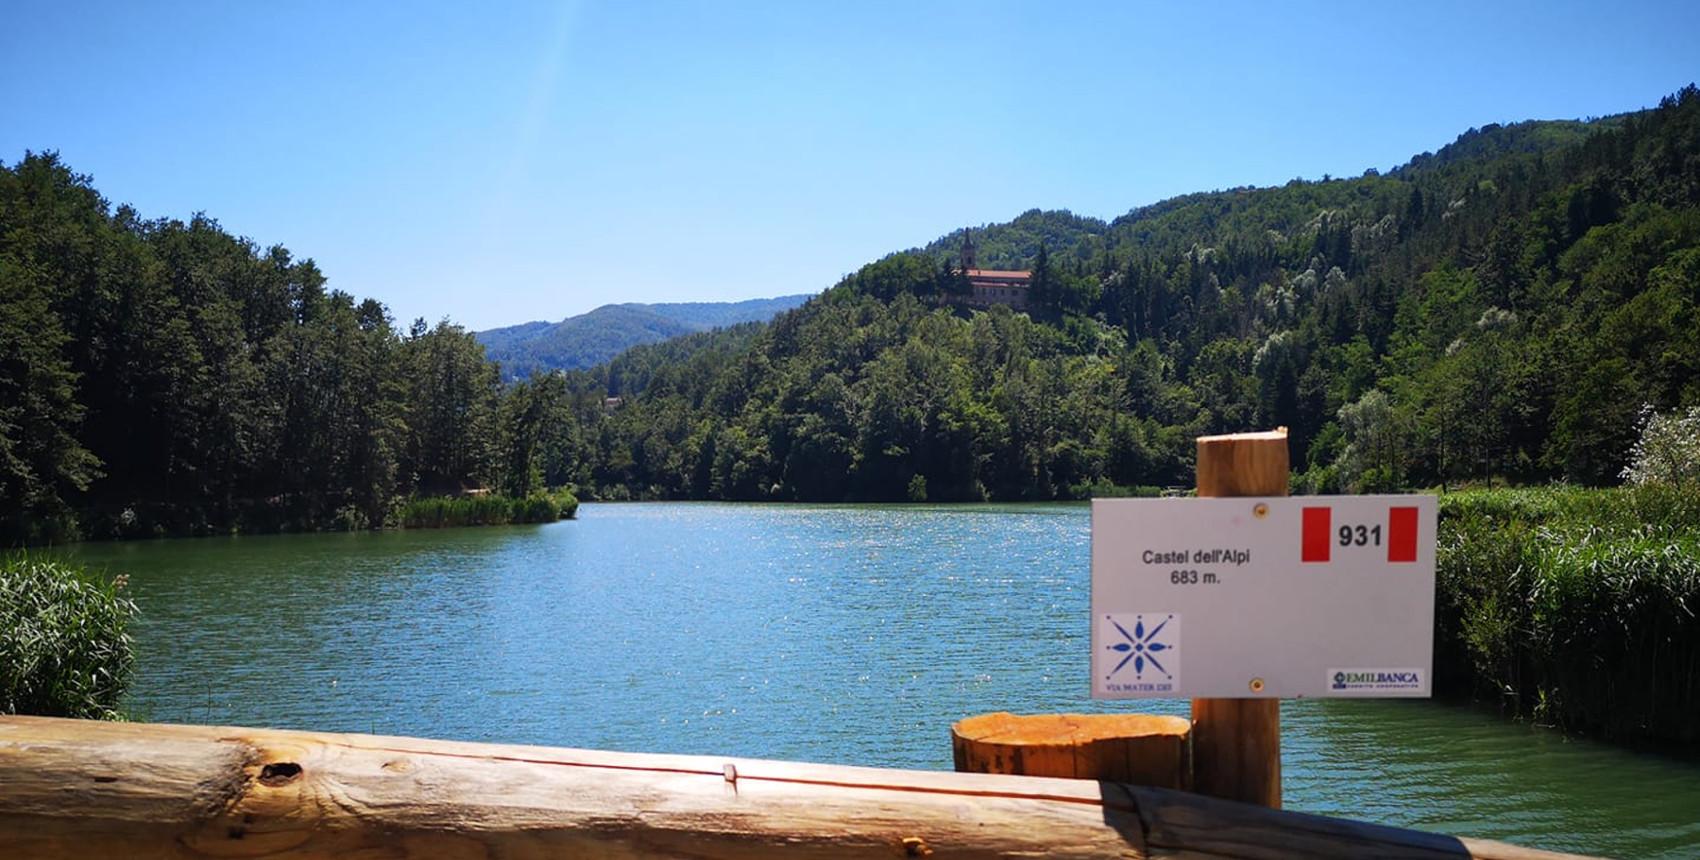 Via Mater Dei al Lago Castel dell'Alpi